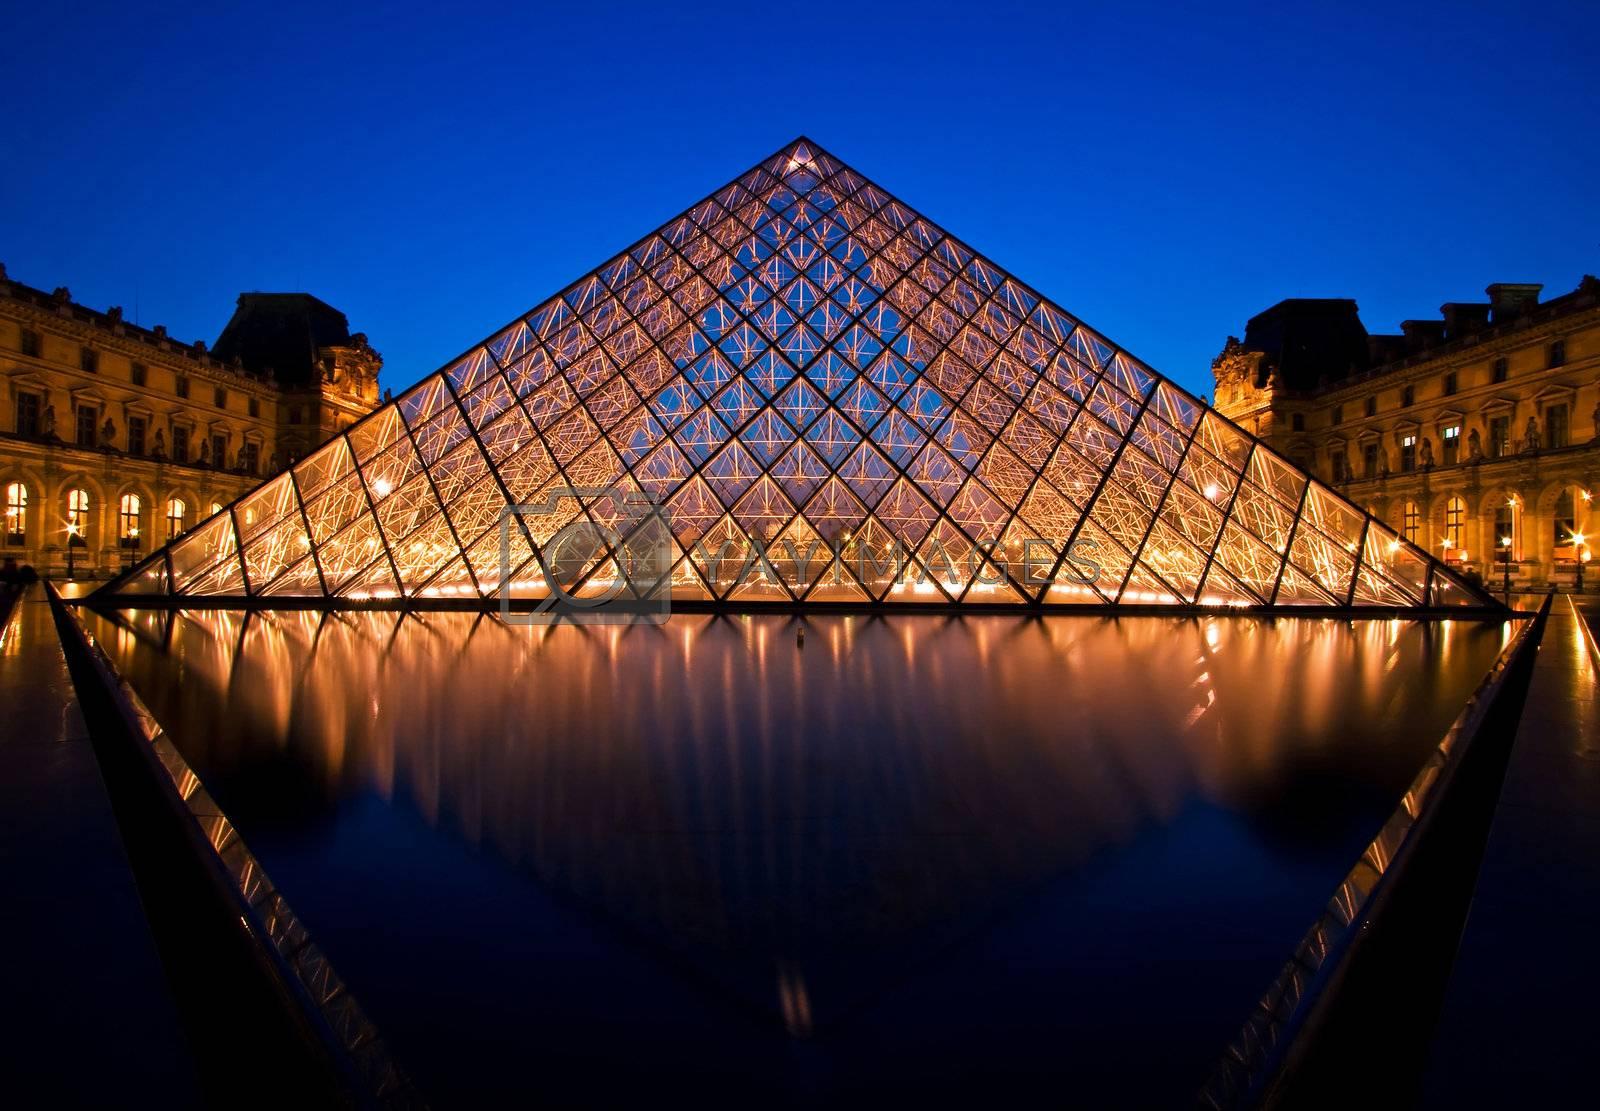 APR 16, Paris - Summer Exhibition at Louvre Museum